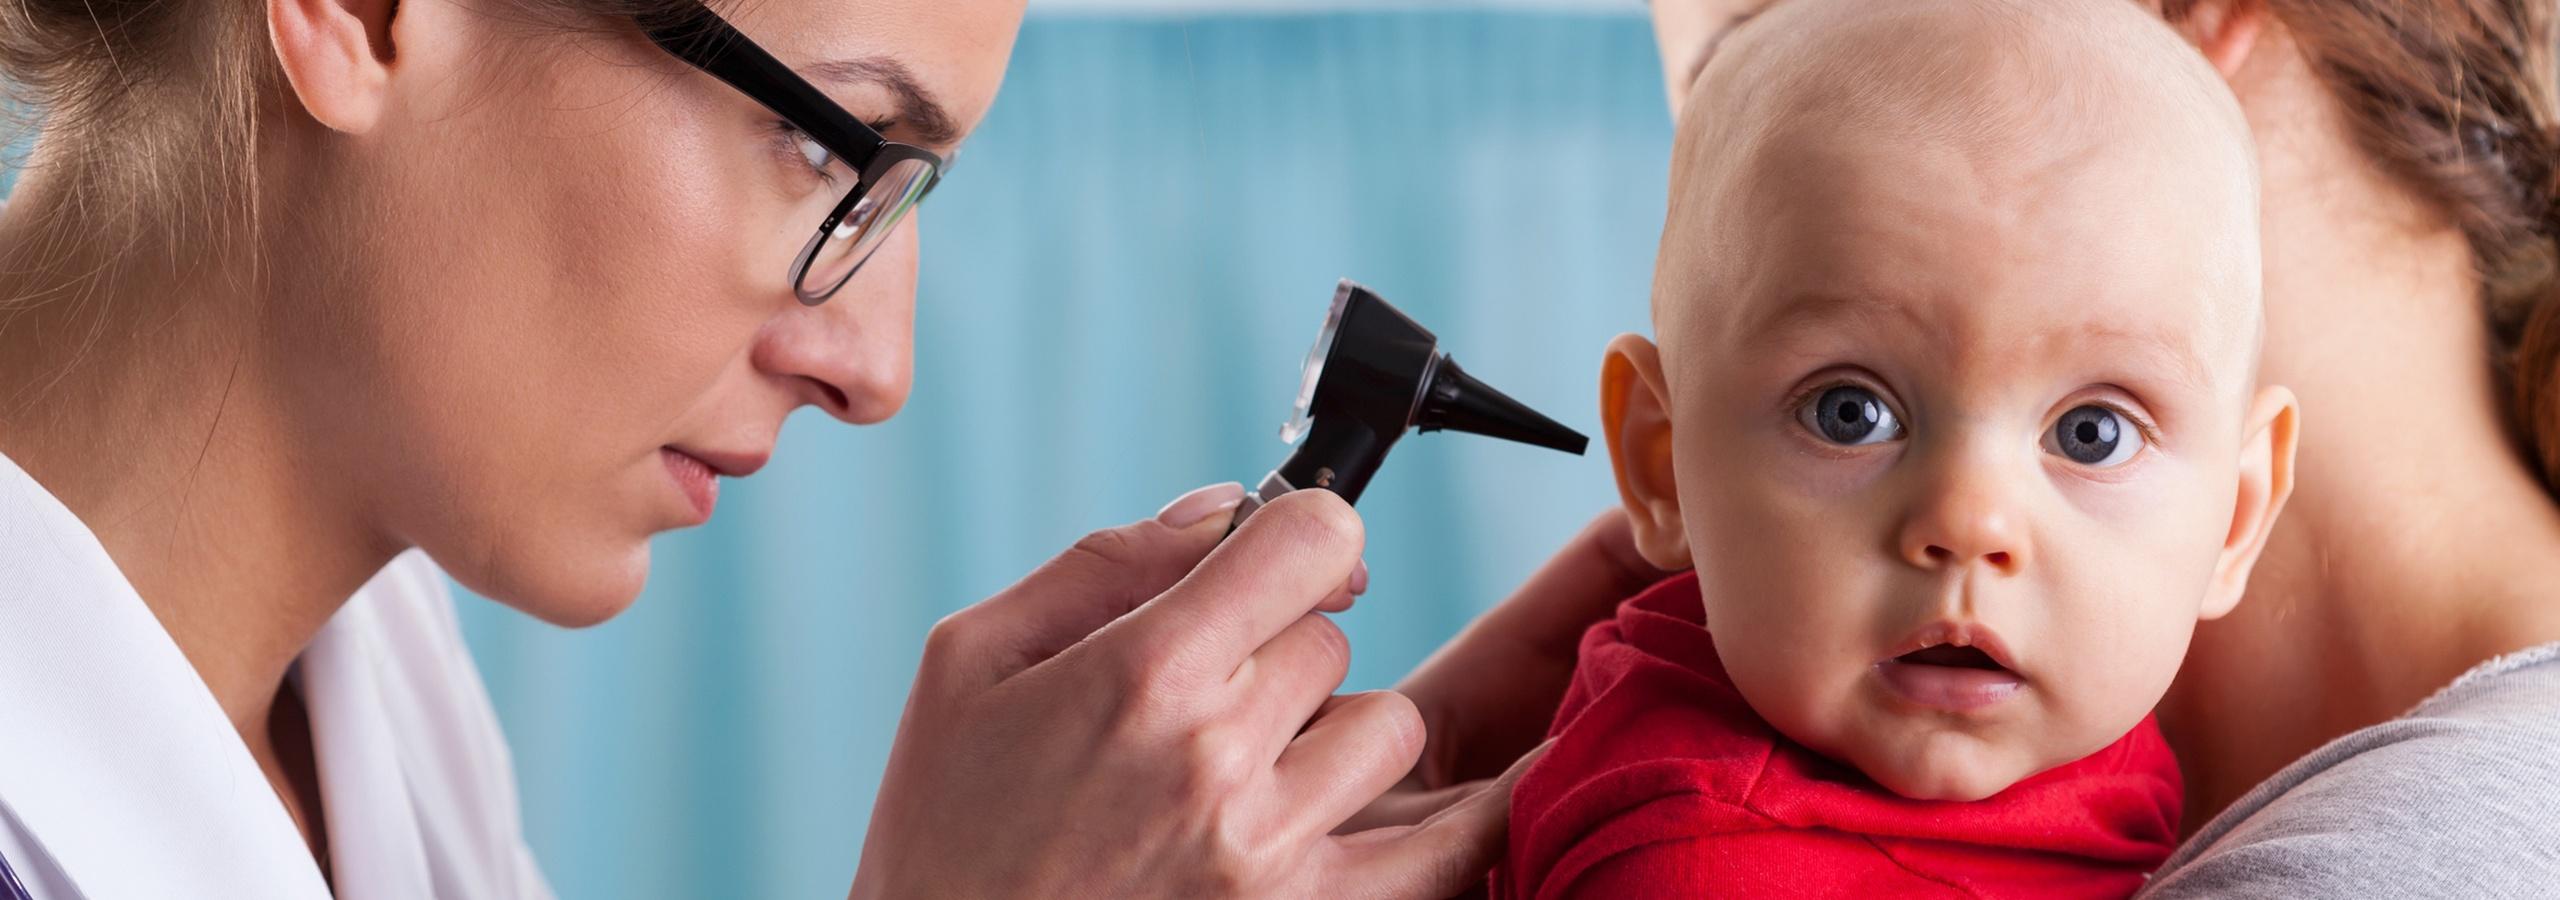 Ärztin untersucht die Ohren eines Babys.